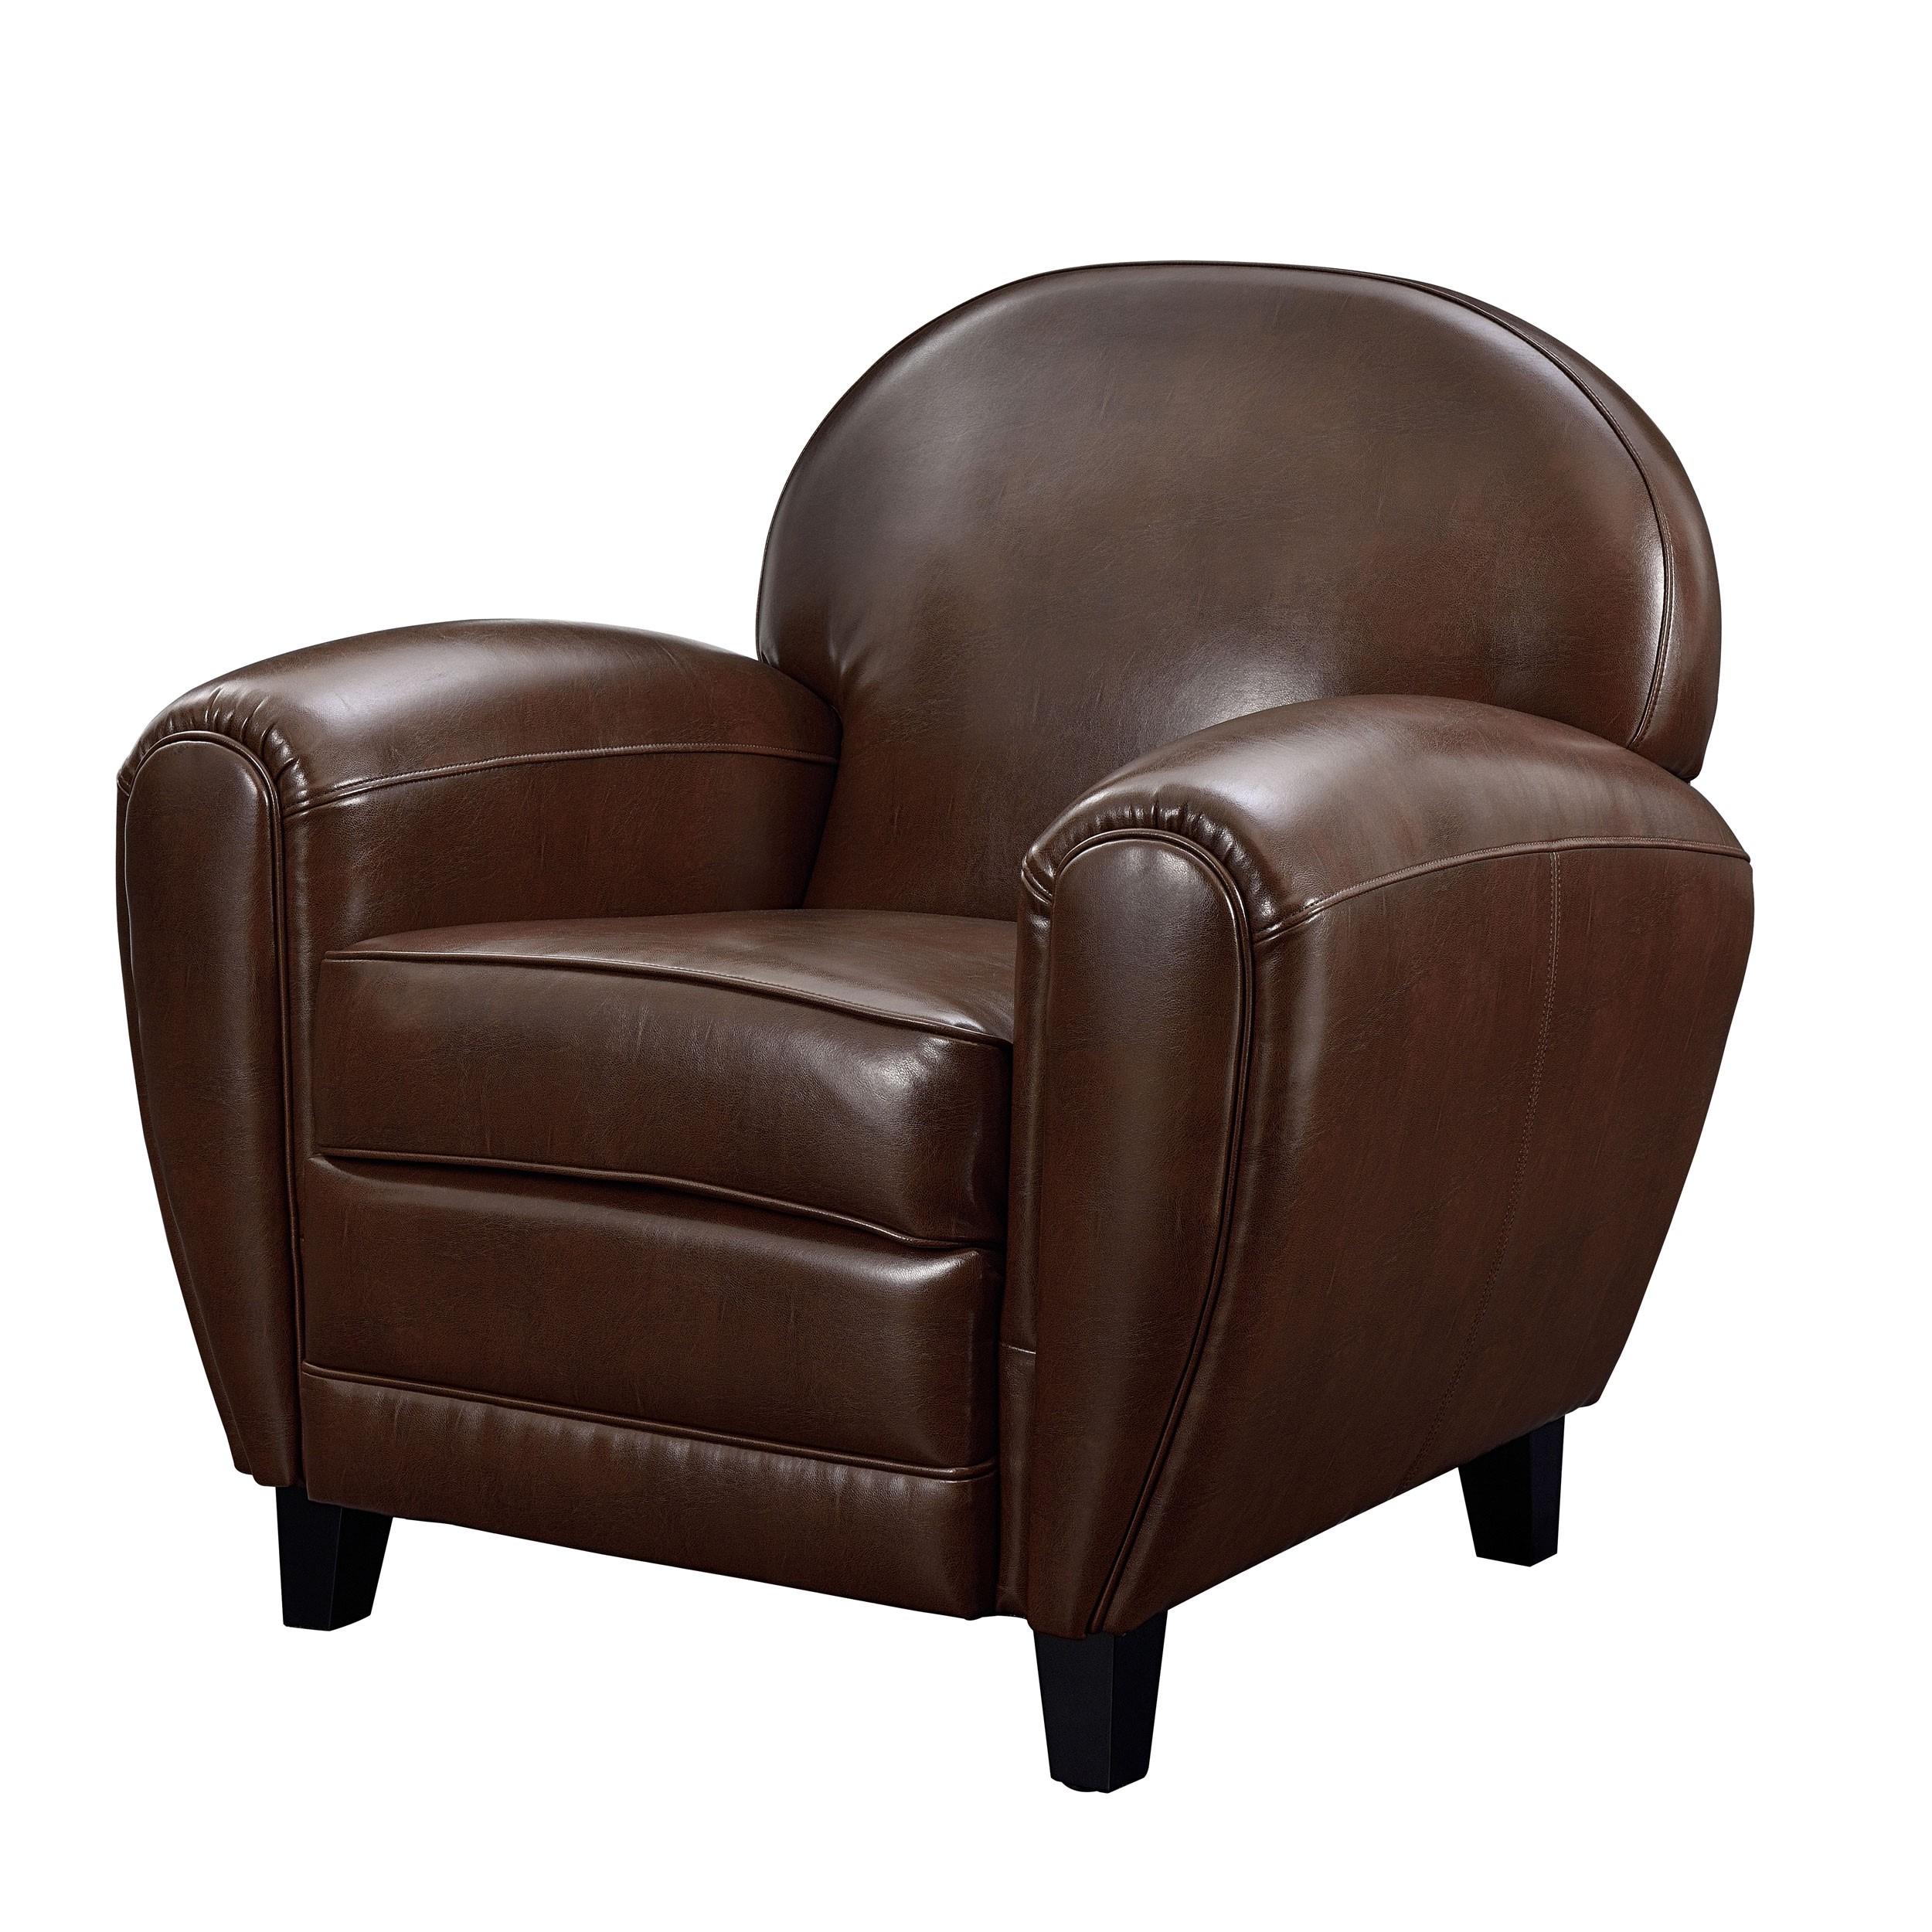 fauteuil club cuir marron achetez nos fauteuils club cuir marron rdv d co. Black Bedroom Furniture Sets. Home Design Ideas